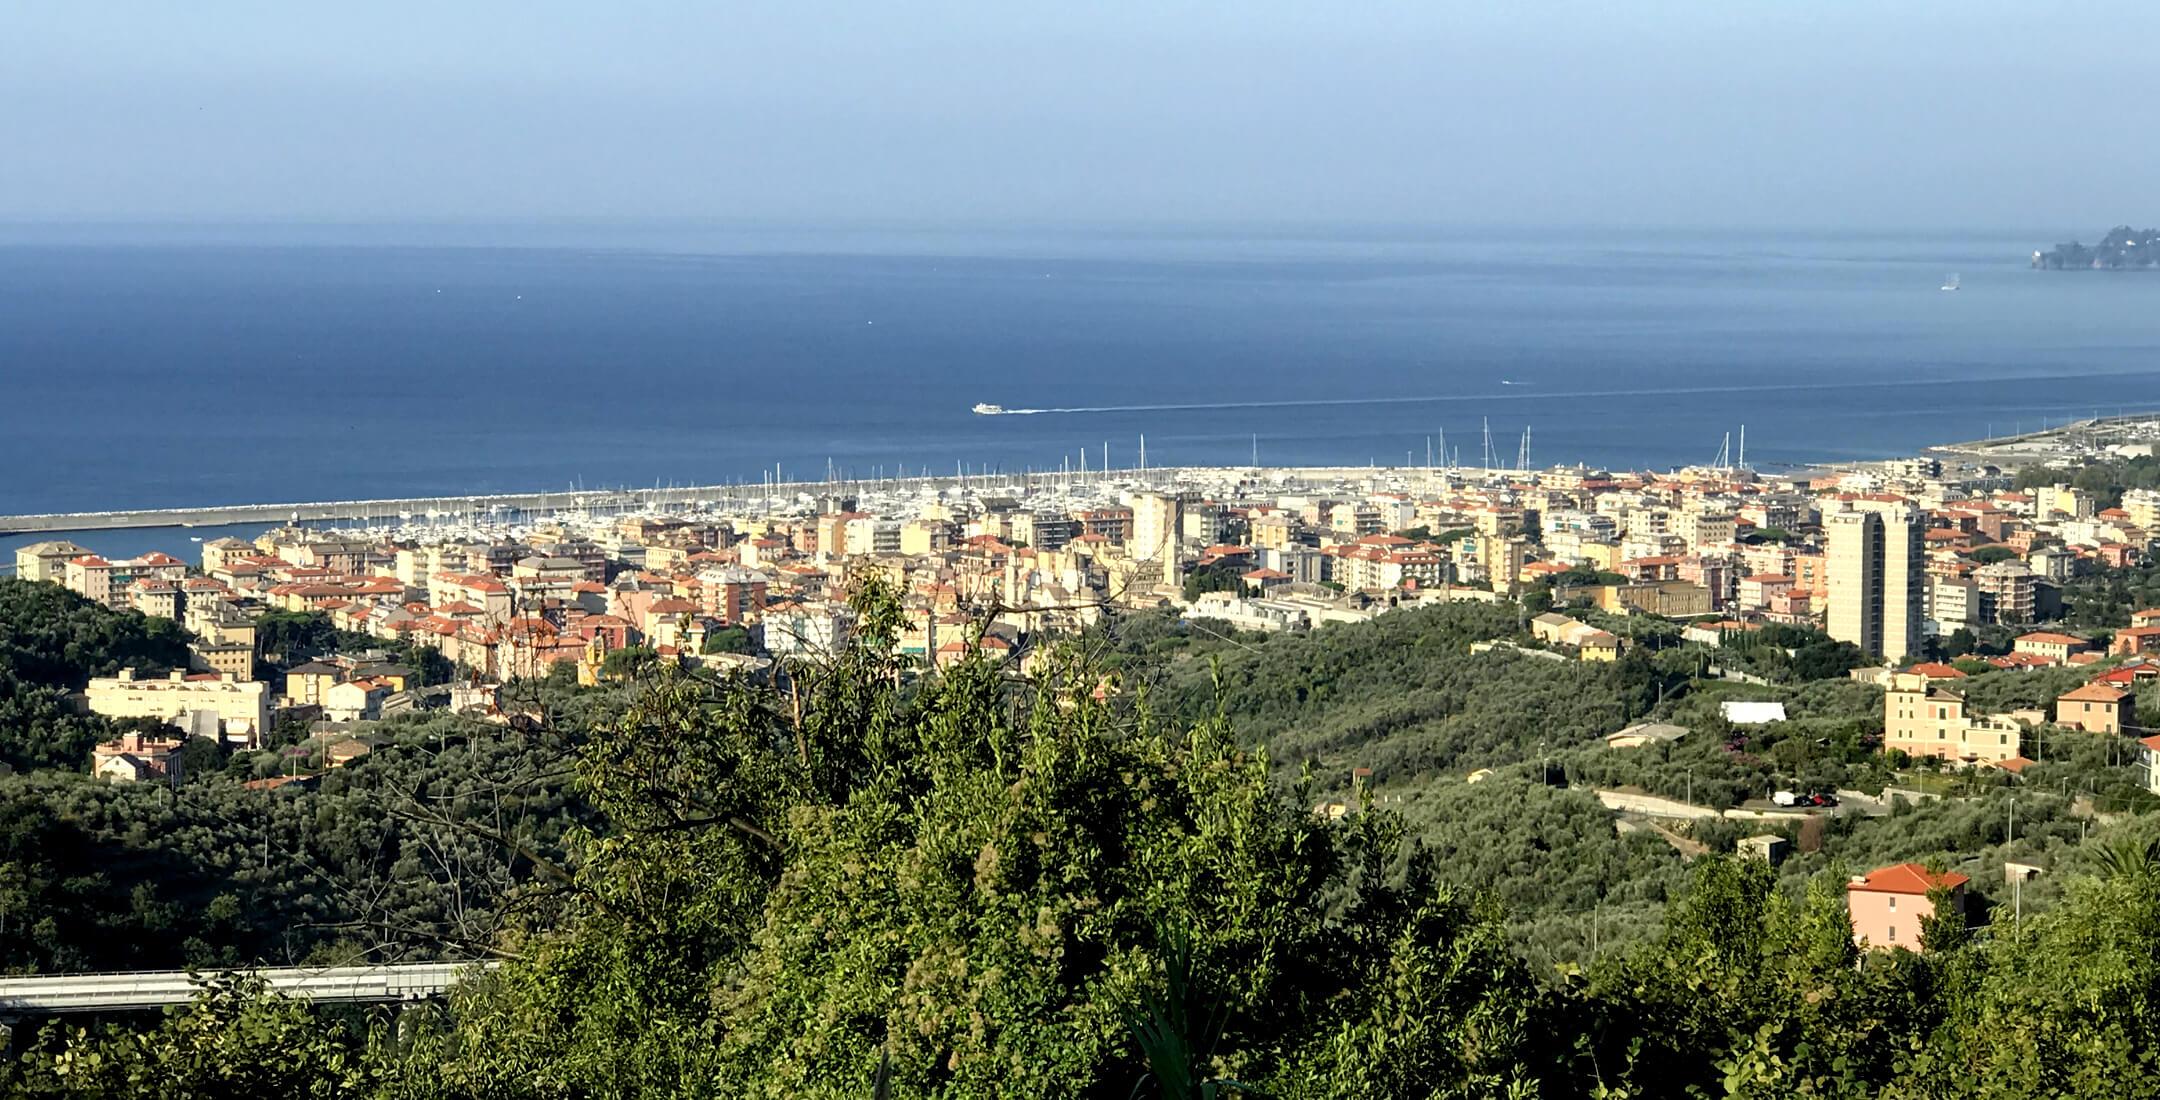 Vista del borgo di Lavagna